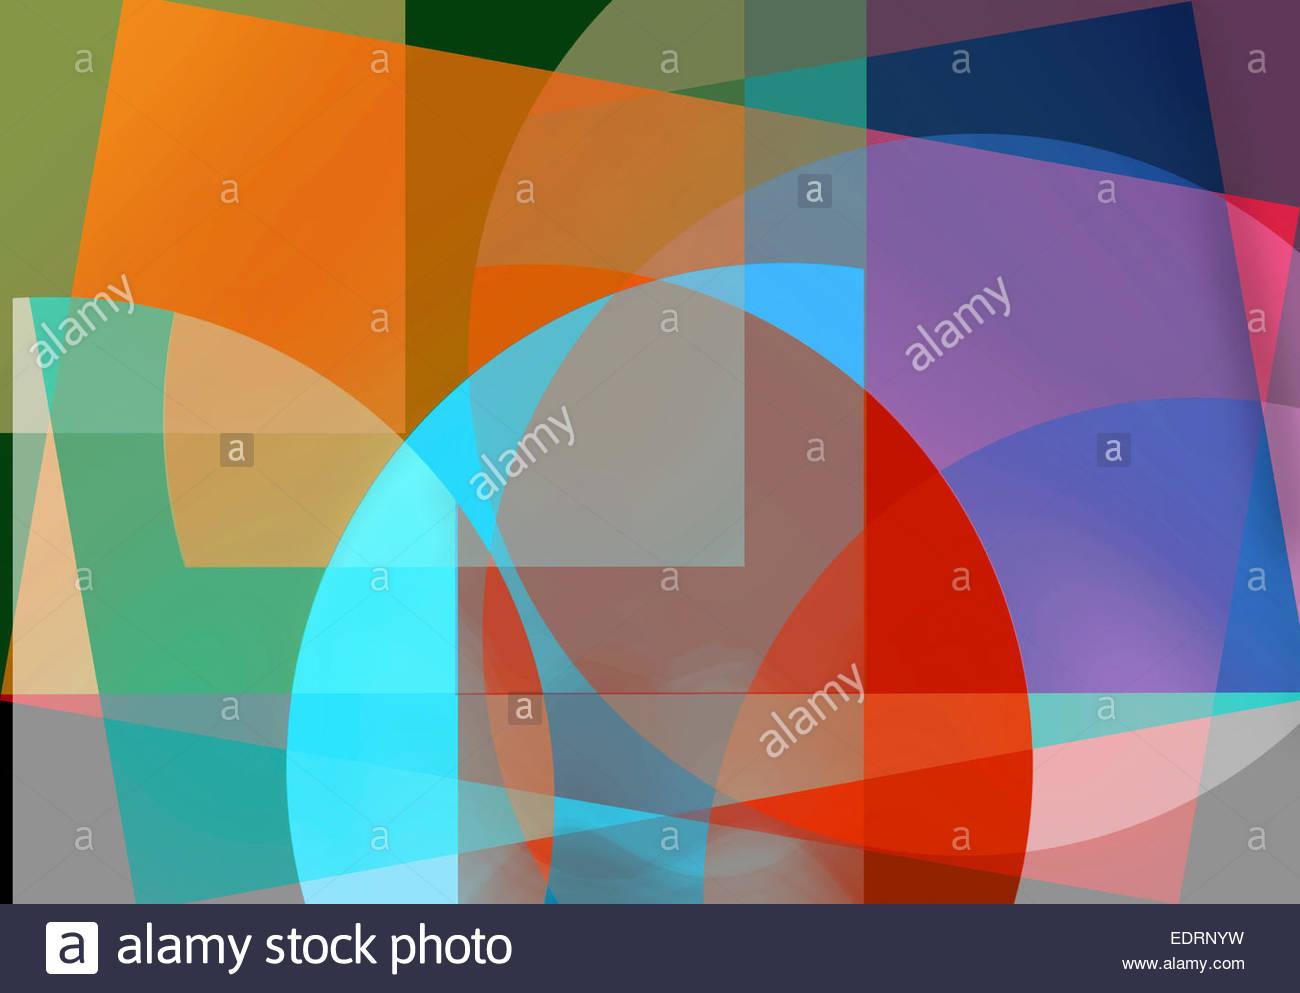 Motif de fond abstrait des formes géométriques multicolores Photo Stock